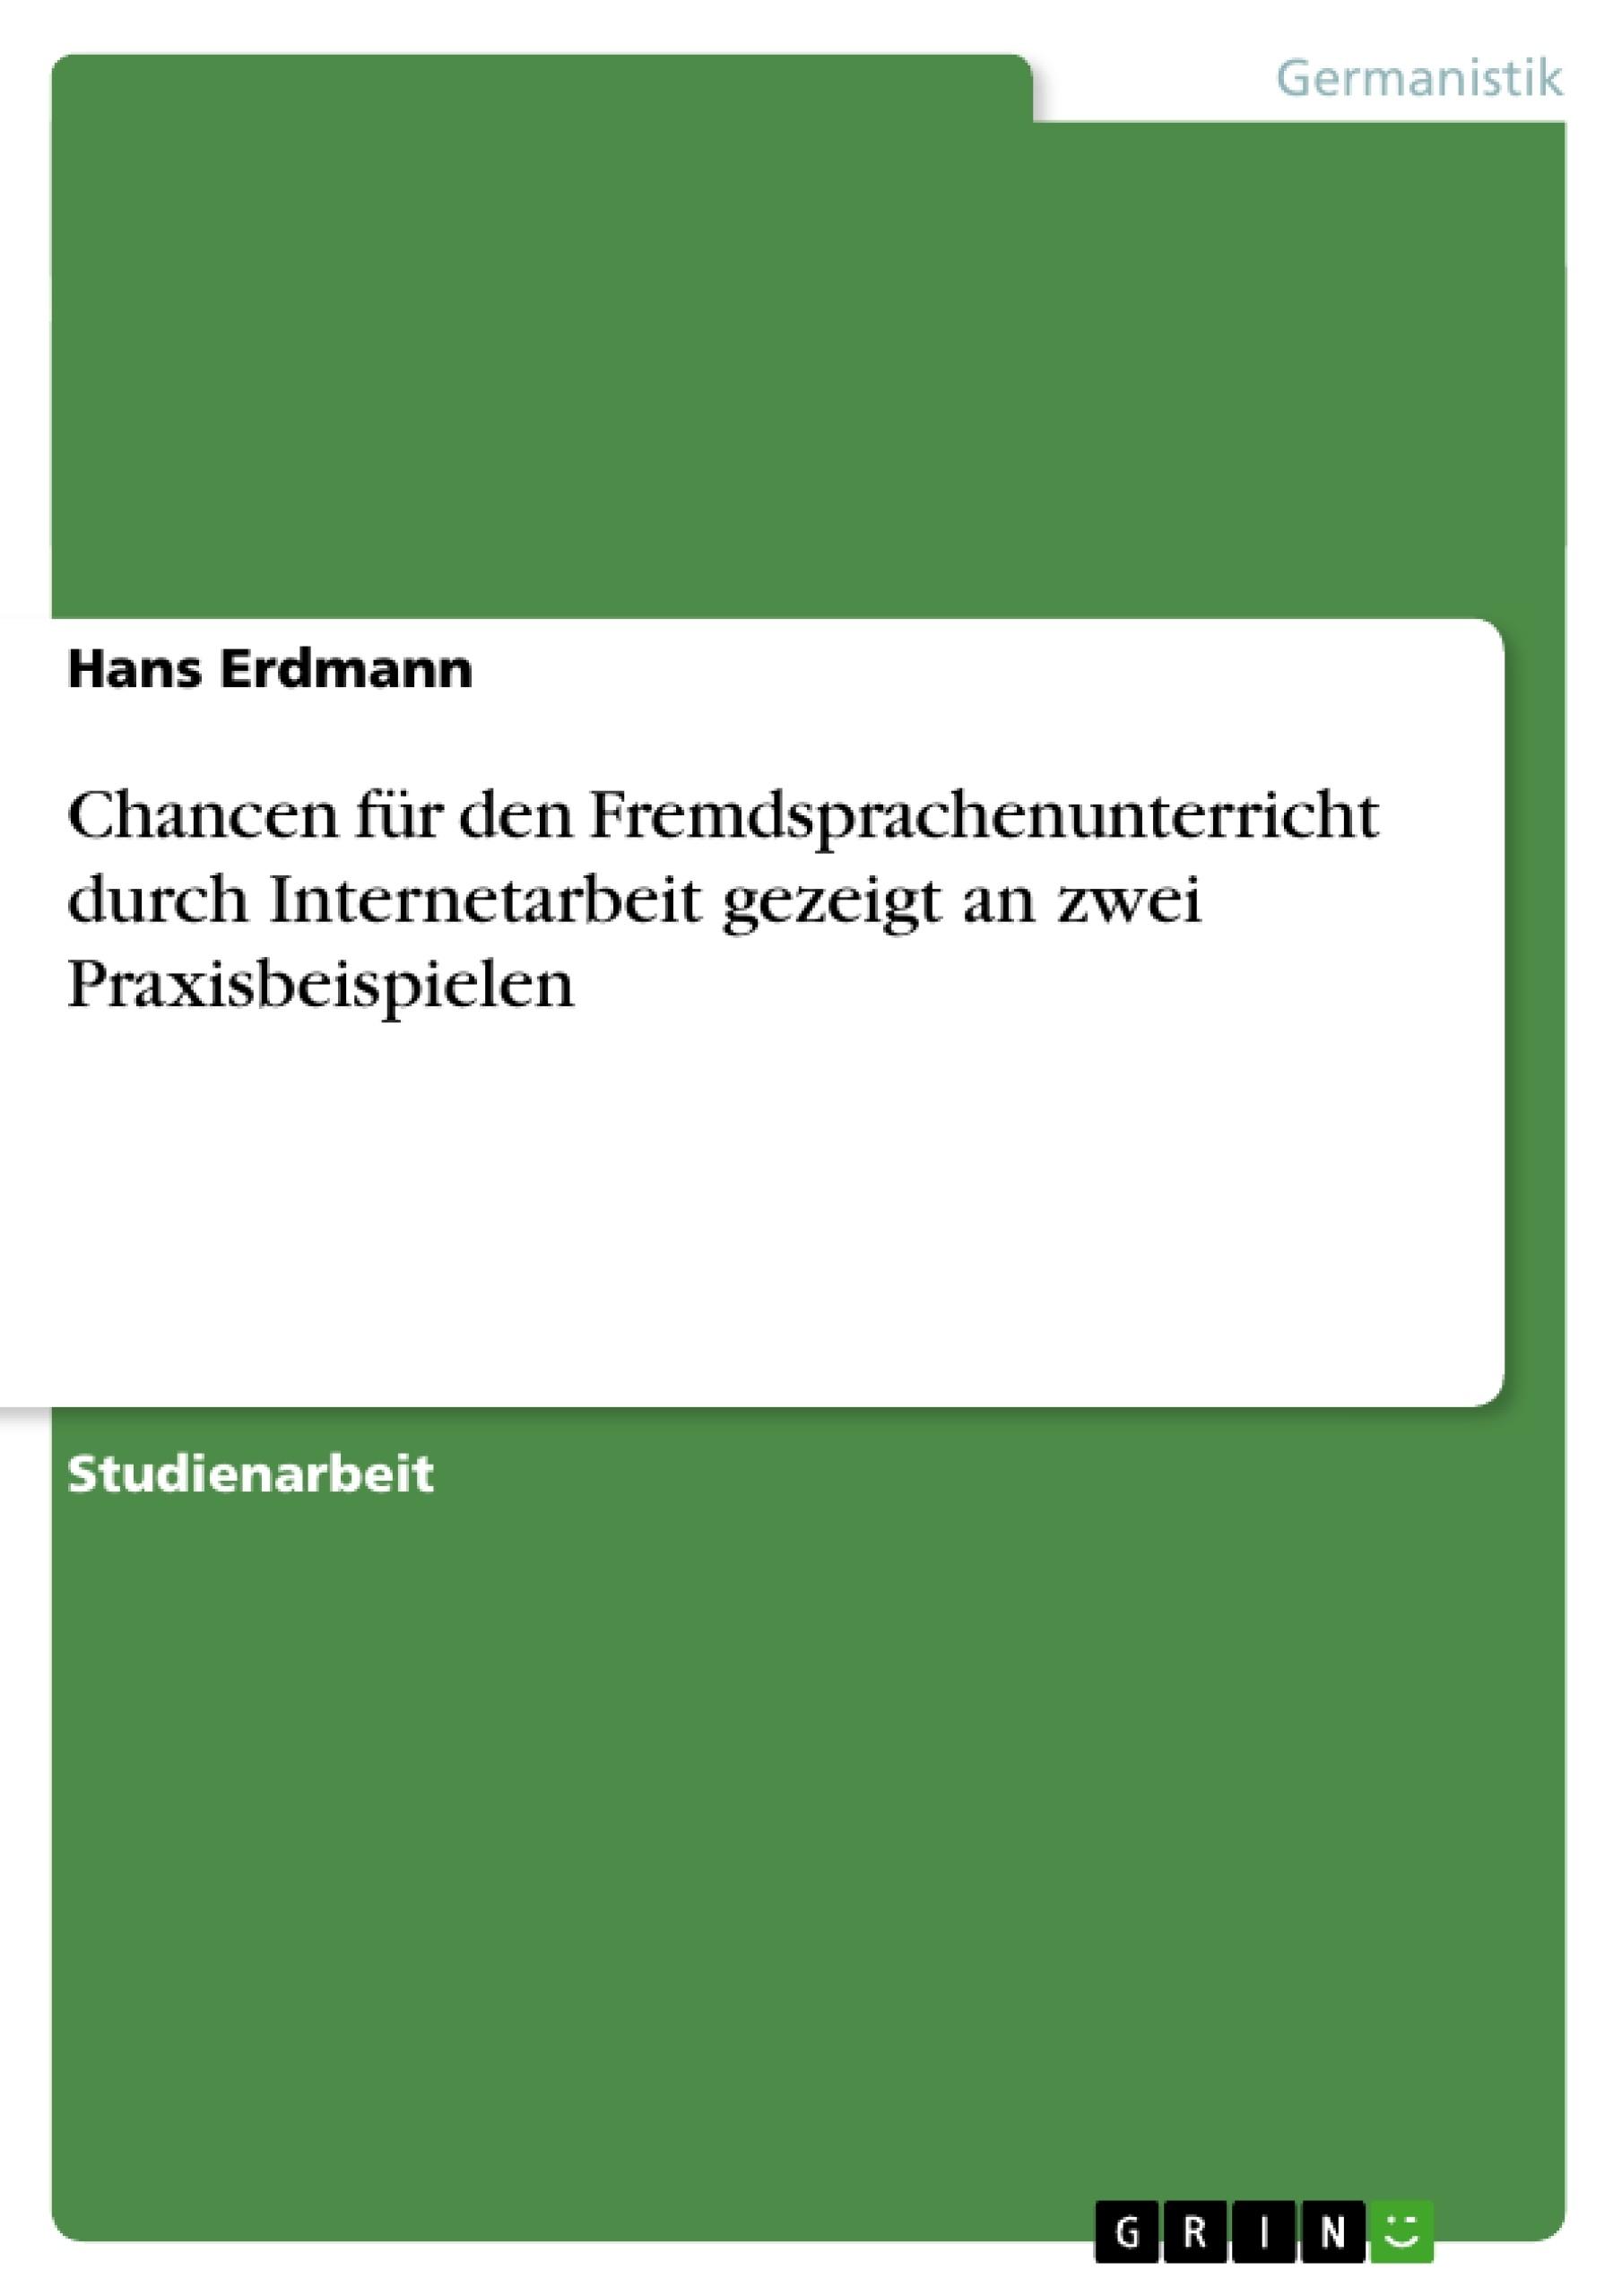 Titel: Chancen für den Fremdsprachenunterricht durch Internetarbeit gezeigt an zwei Praxisbeispielen